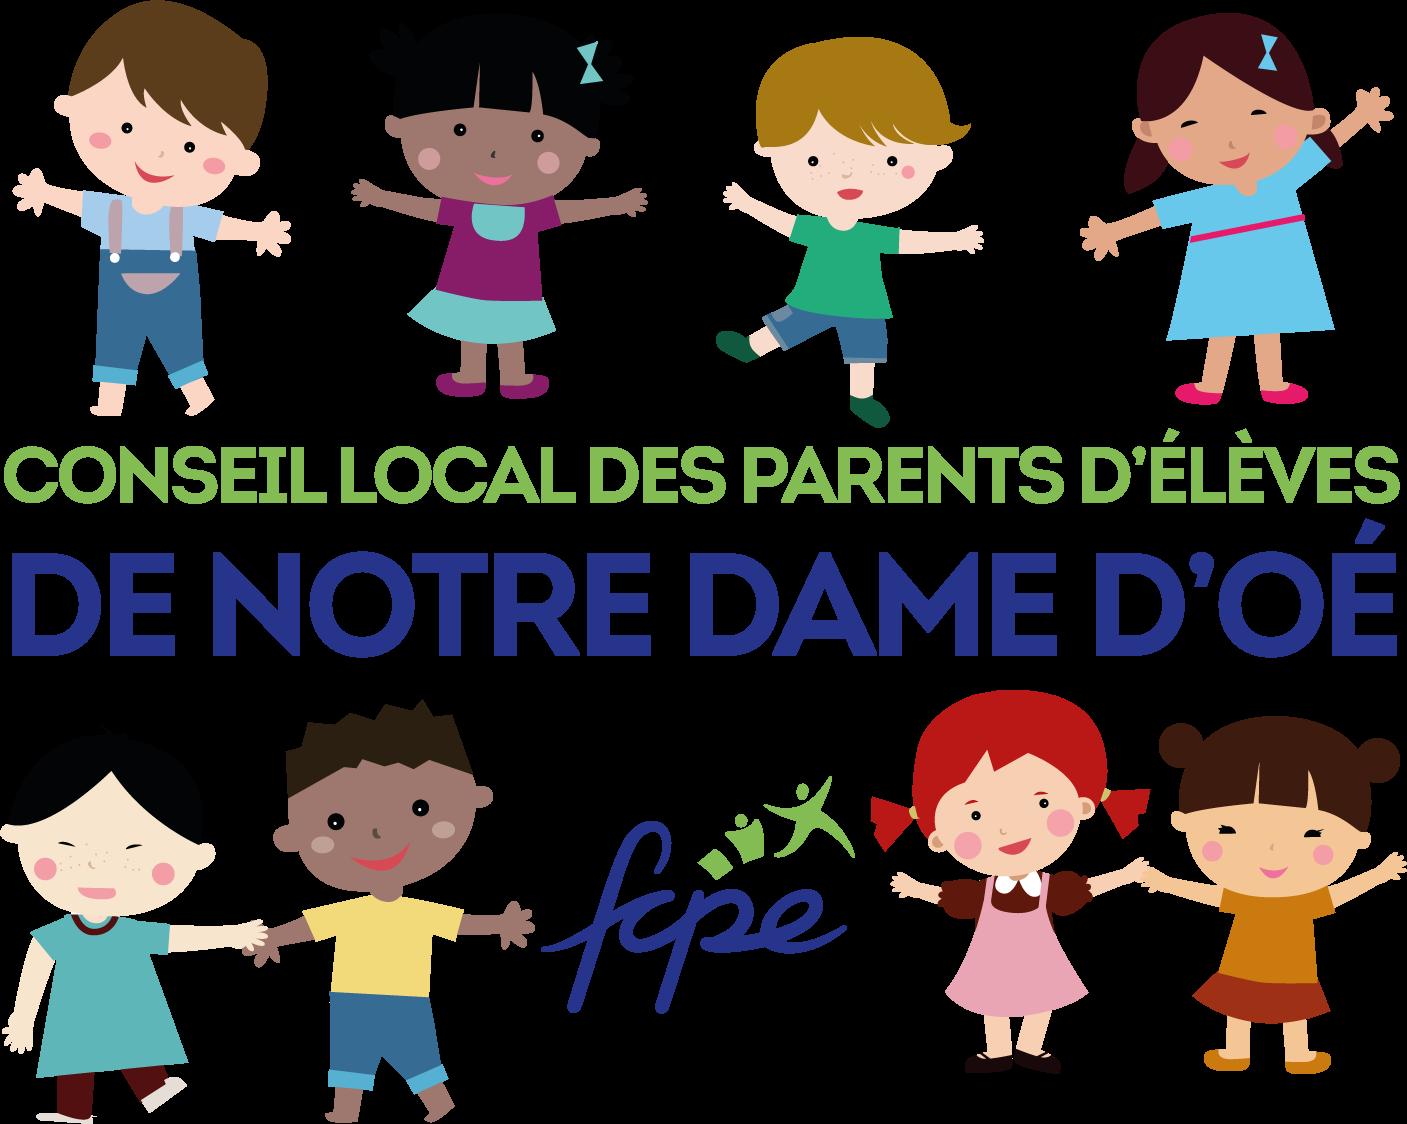 Association de Parents d'élèves Notre-Dame-d'Oé